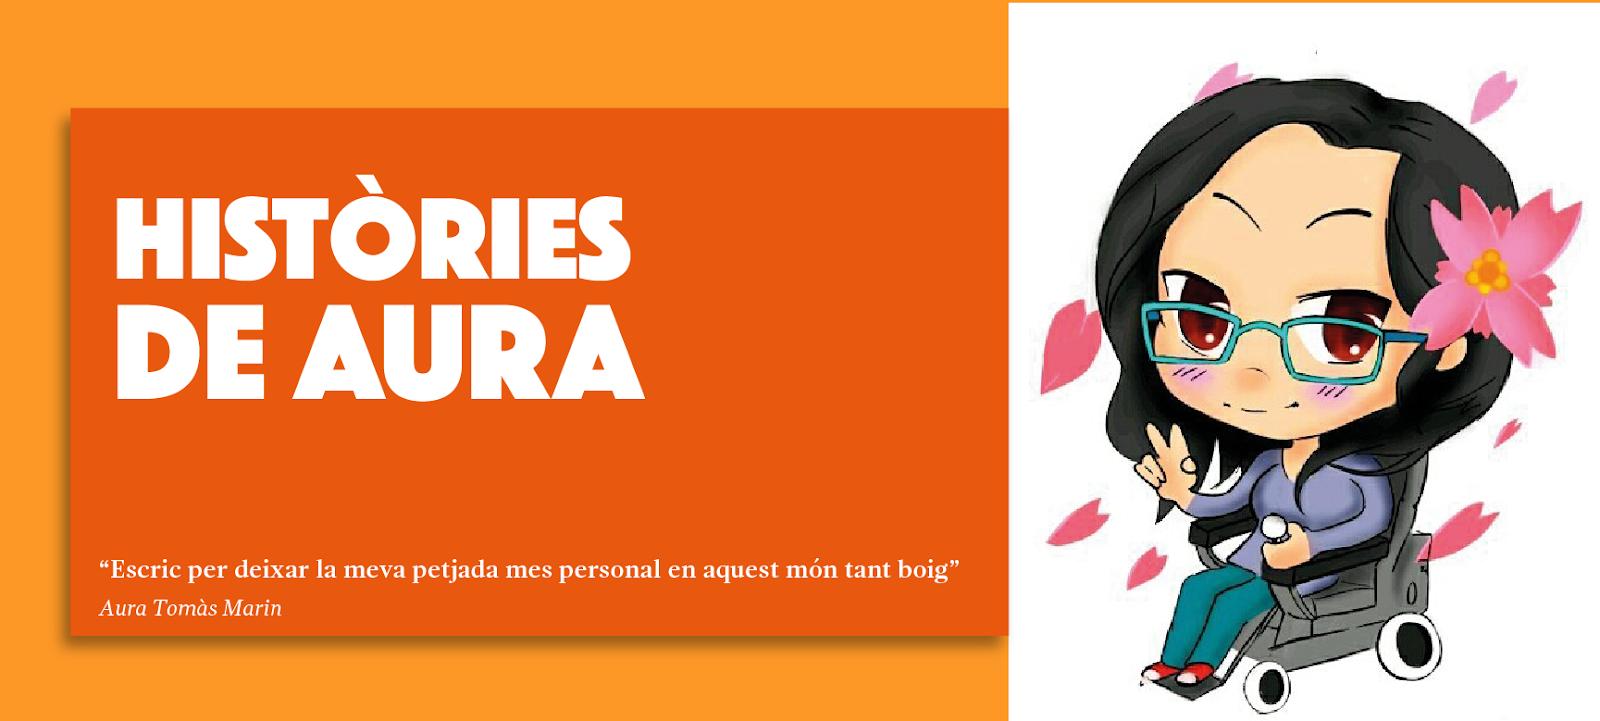 Històries de Aura